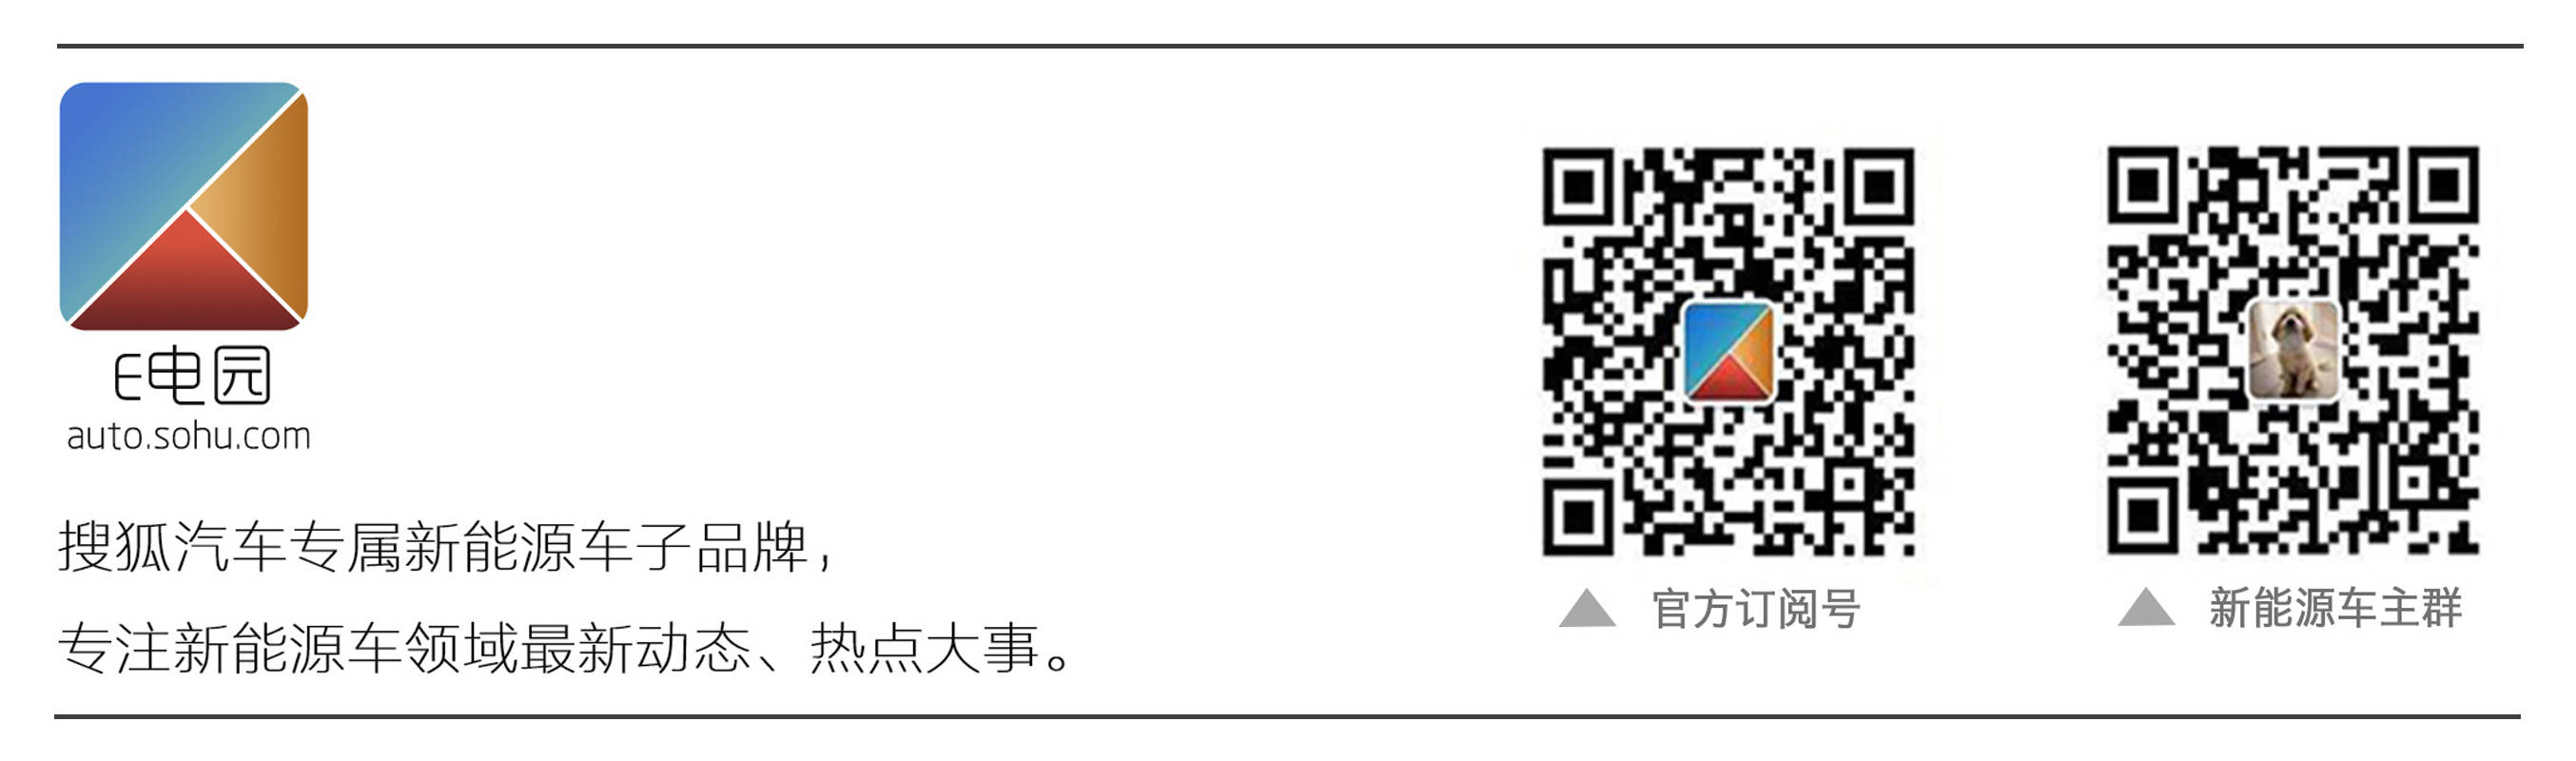 沐鸣代理-首页【1.1.7】